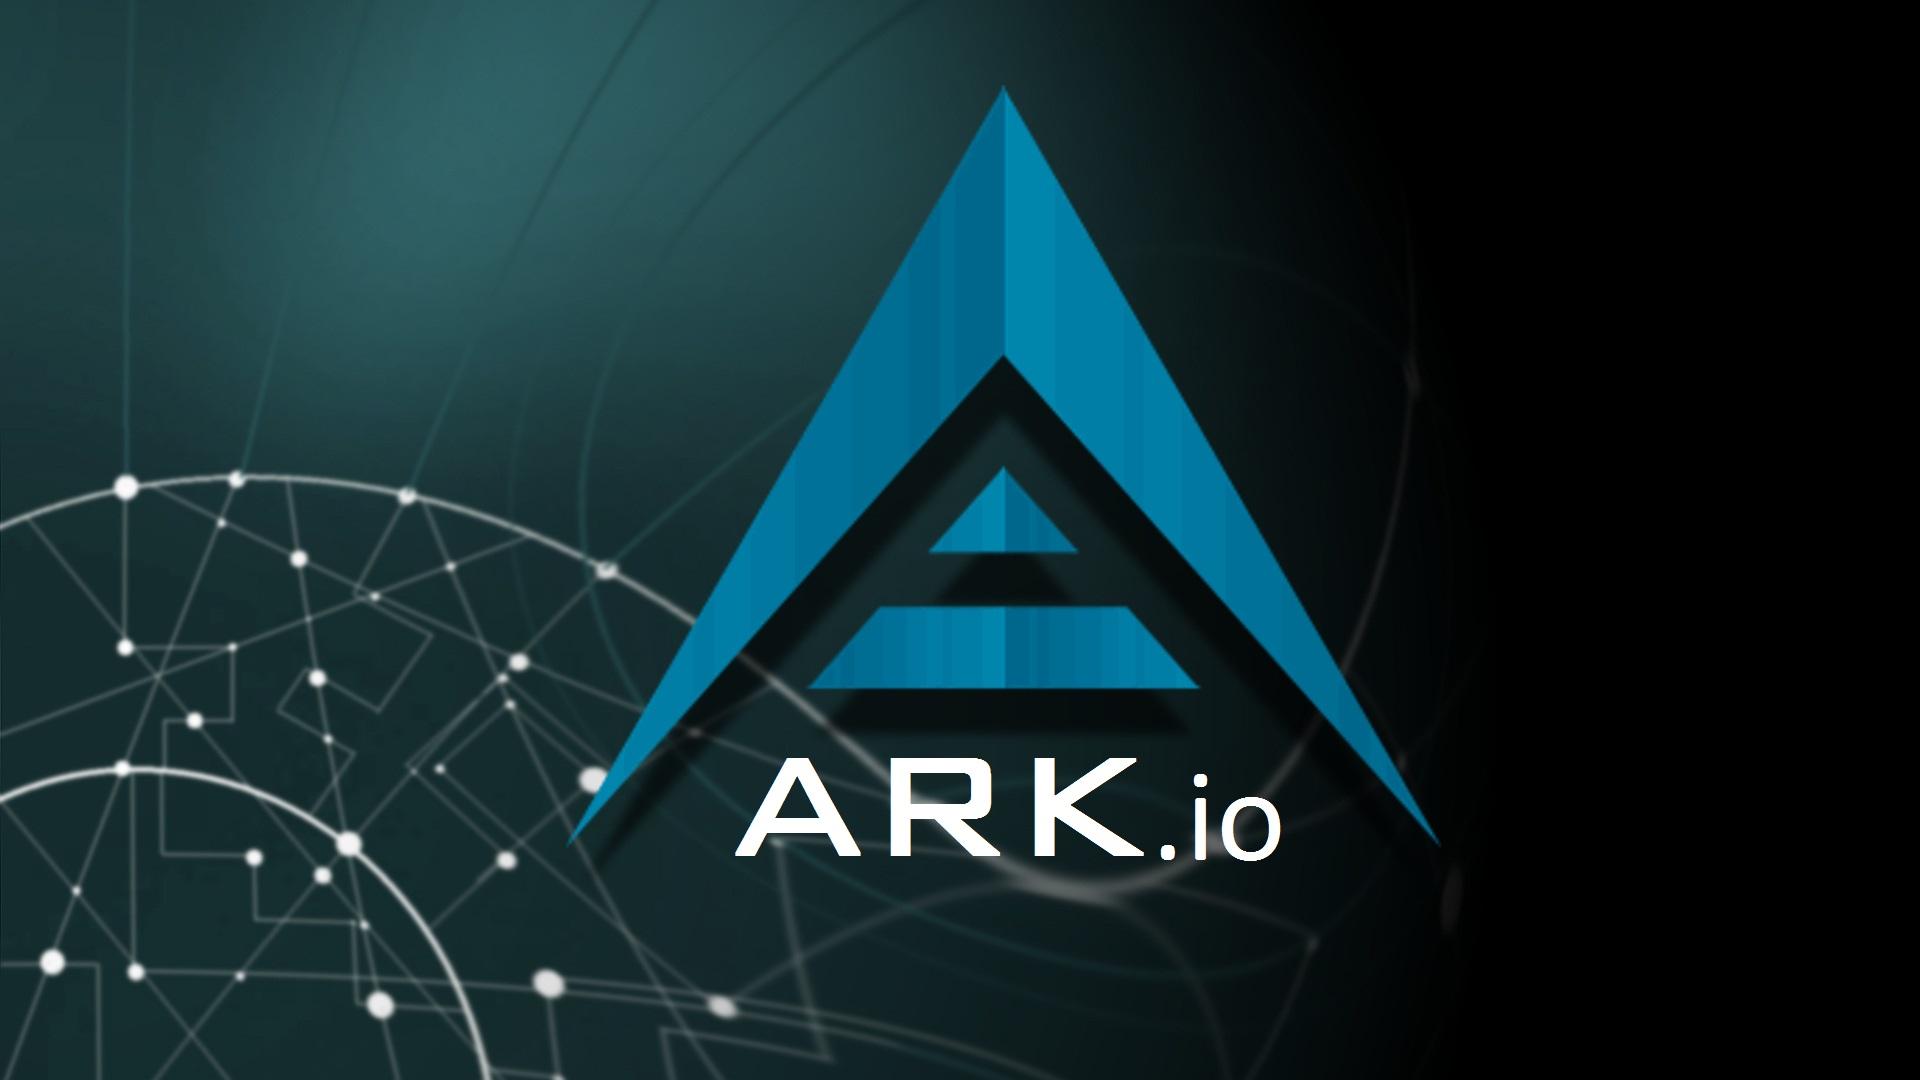 ARK Ecosystem salue le rapport de la Mission d'information parlementaire sur les usages des chaînes de blocs (blockchains)